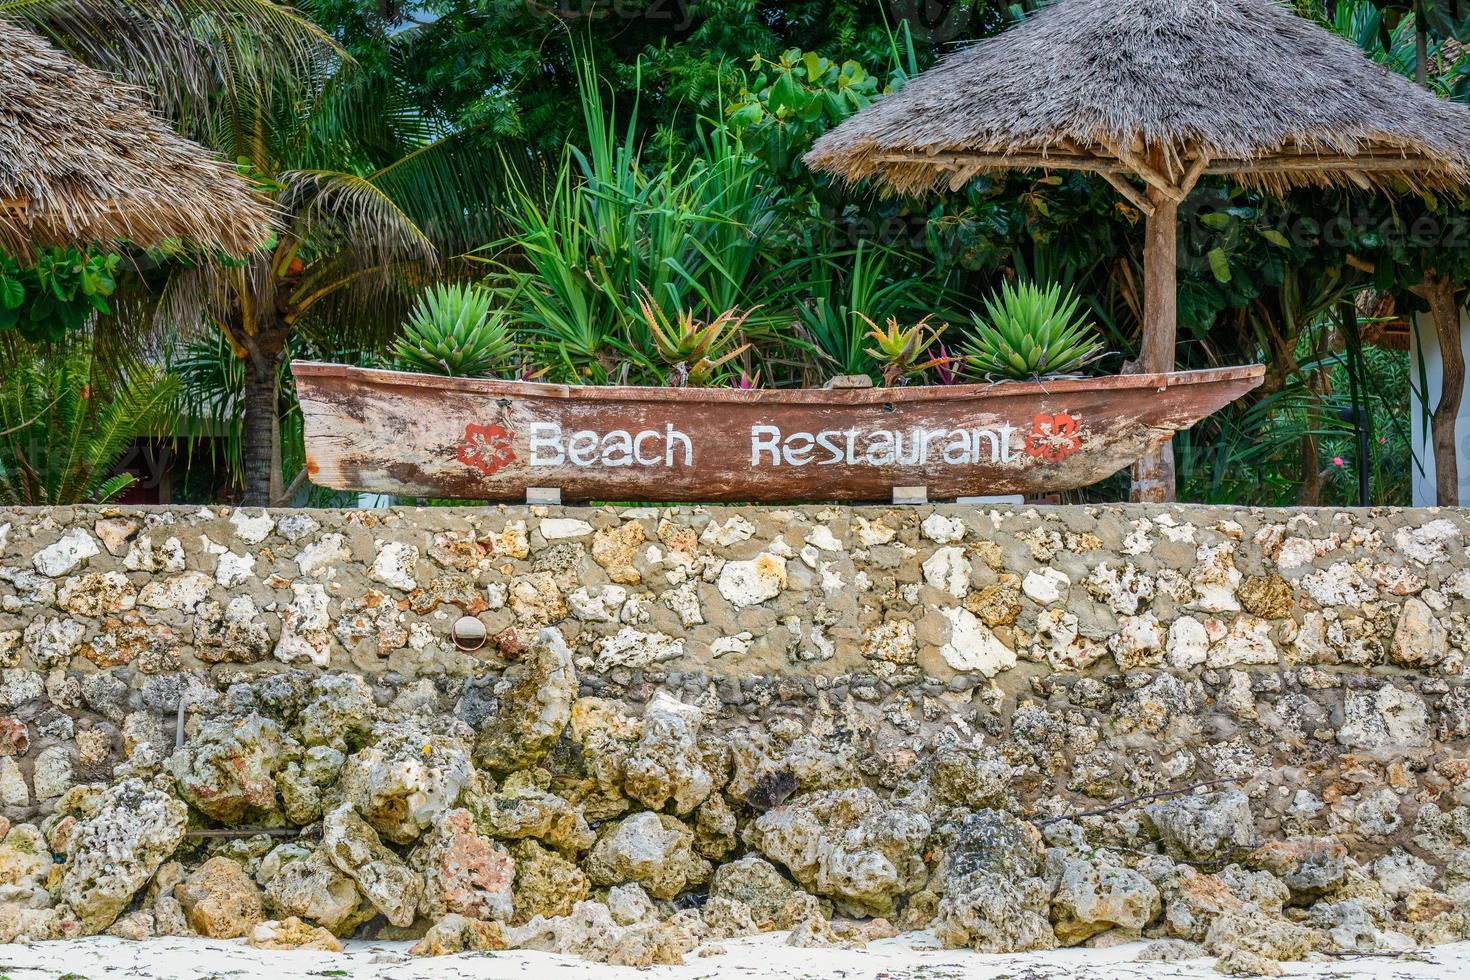 strandrestaurang tecken foto